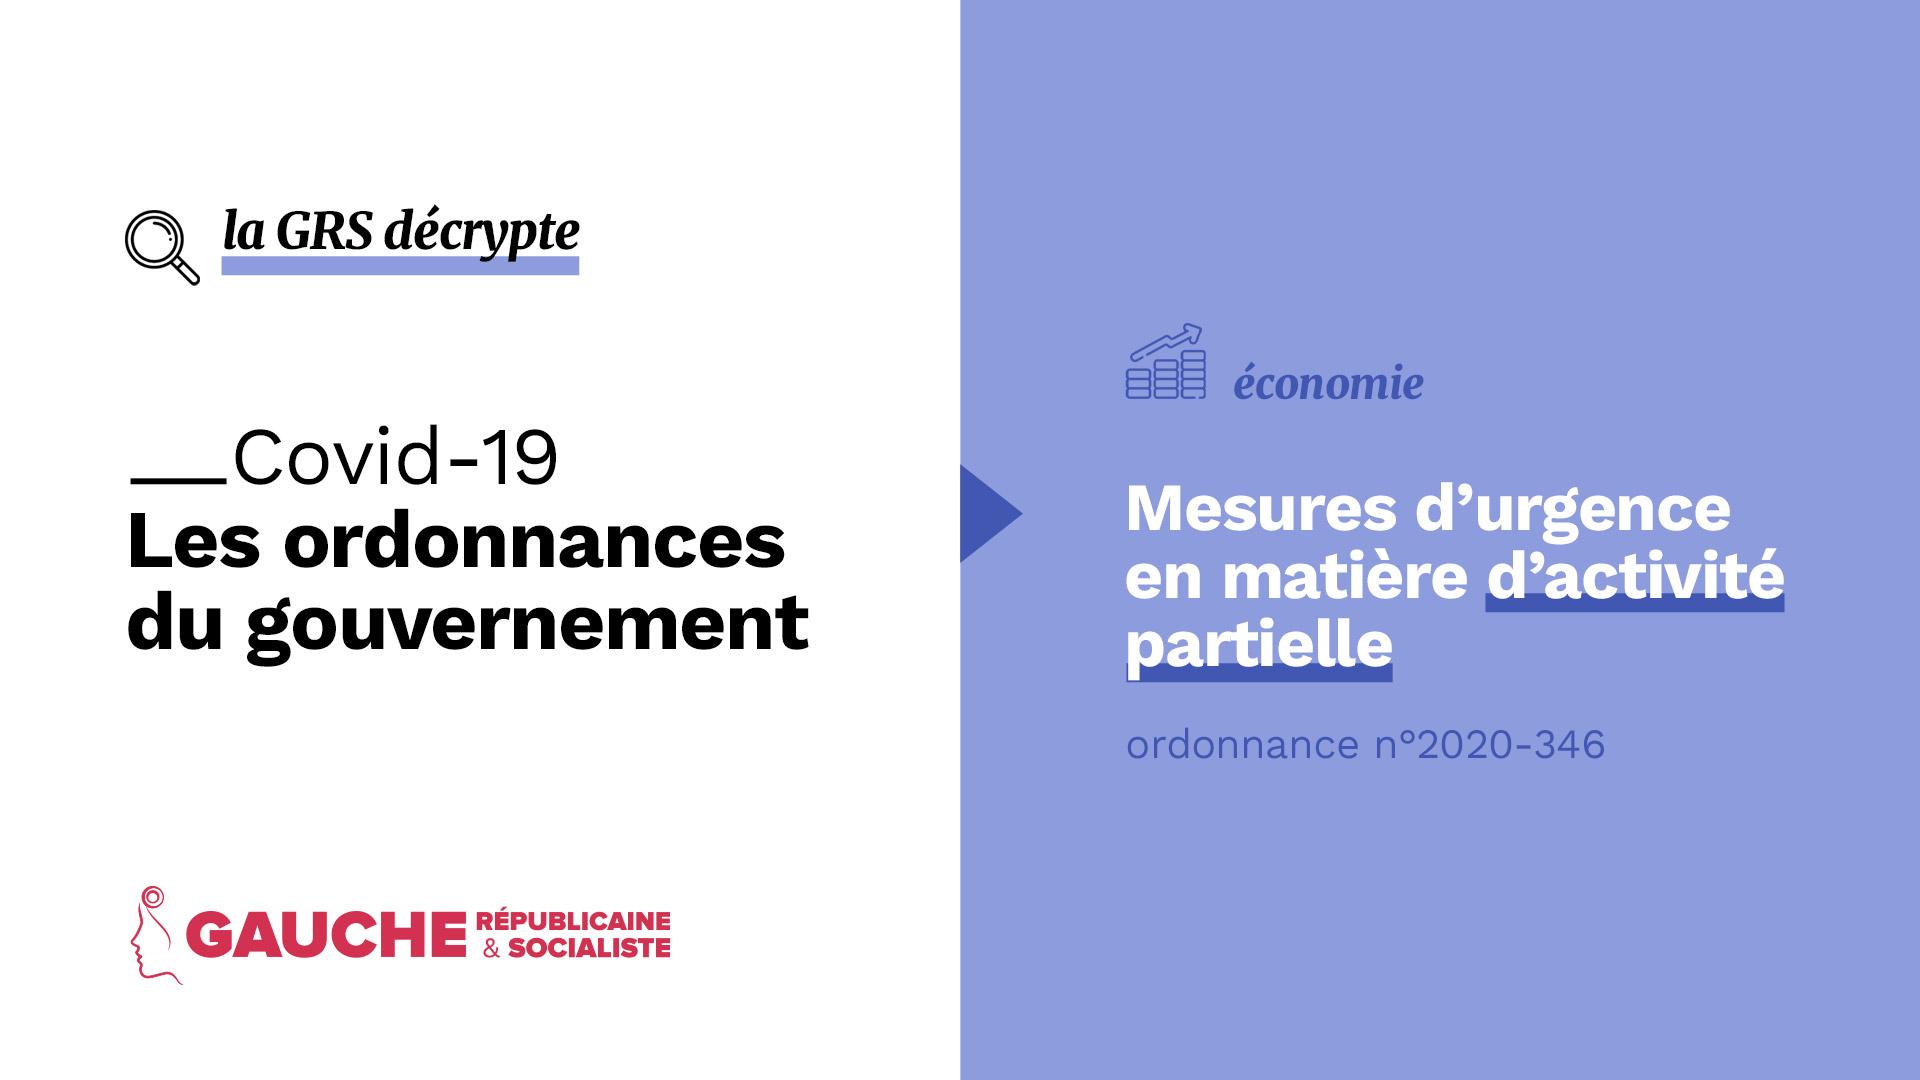 Ordonnance n° 2020-346 du 27 mars 2020 portant mesures d'urgence en matière d'activité partielle